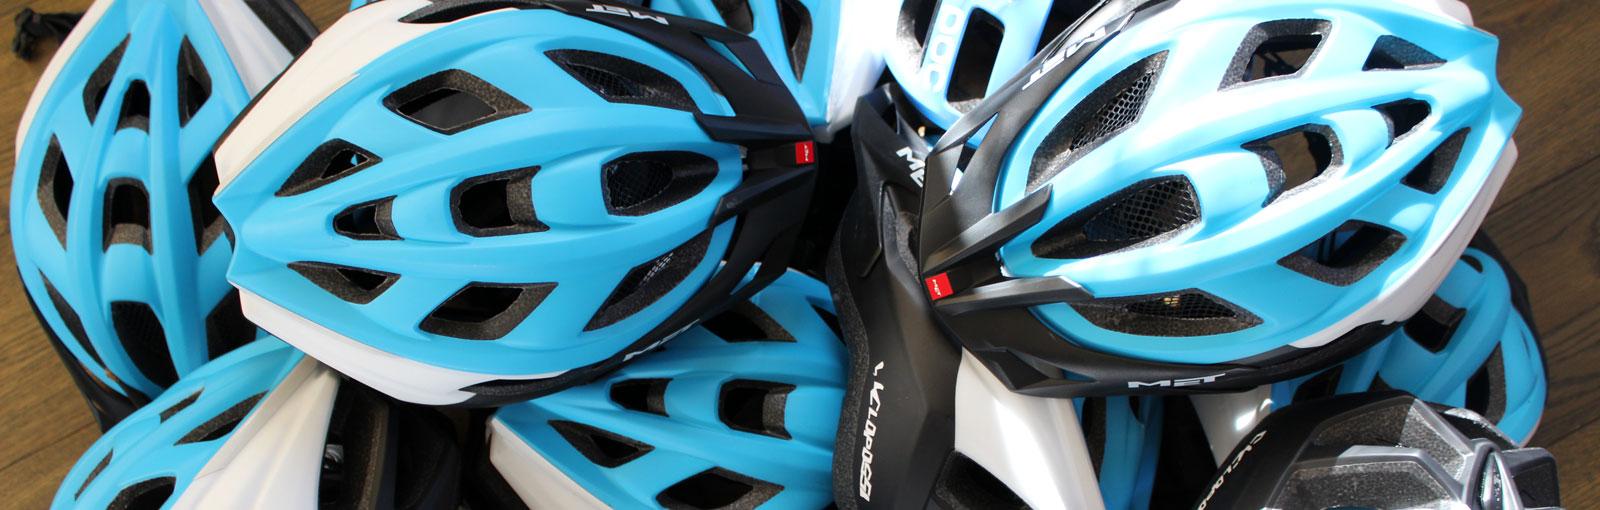 helmet for biking